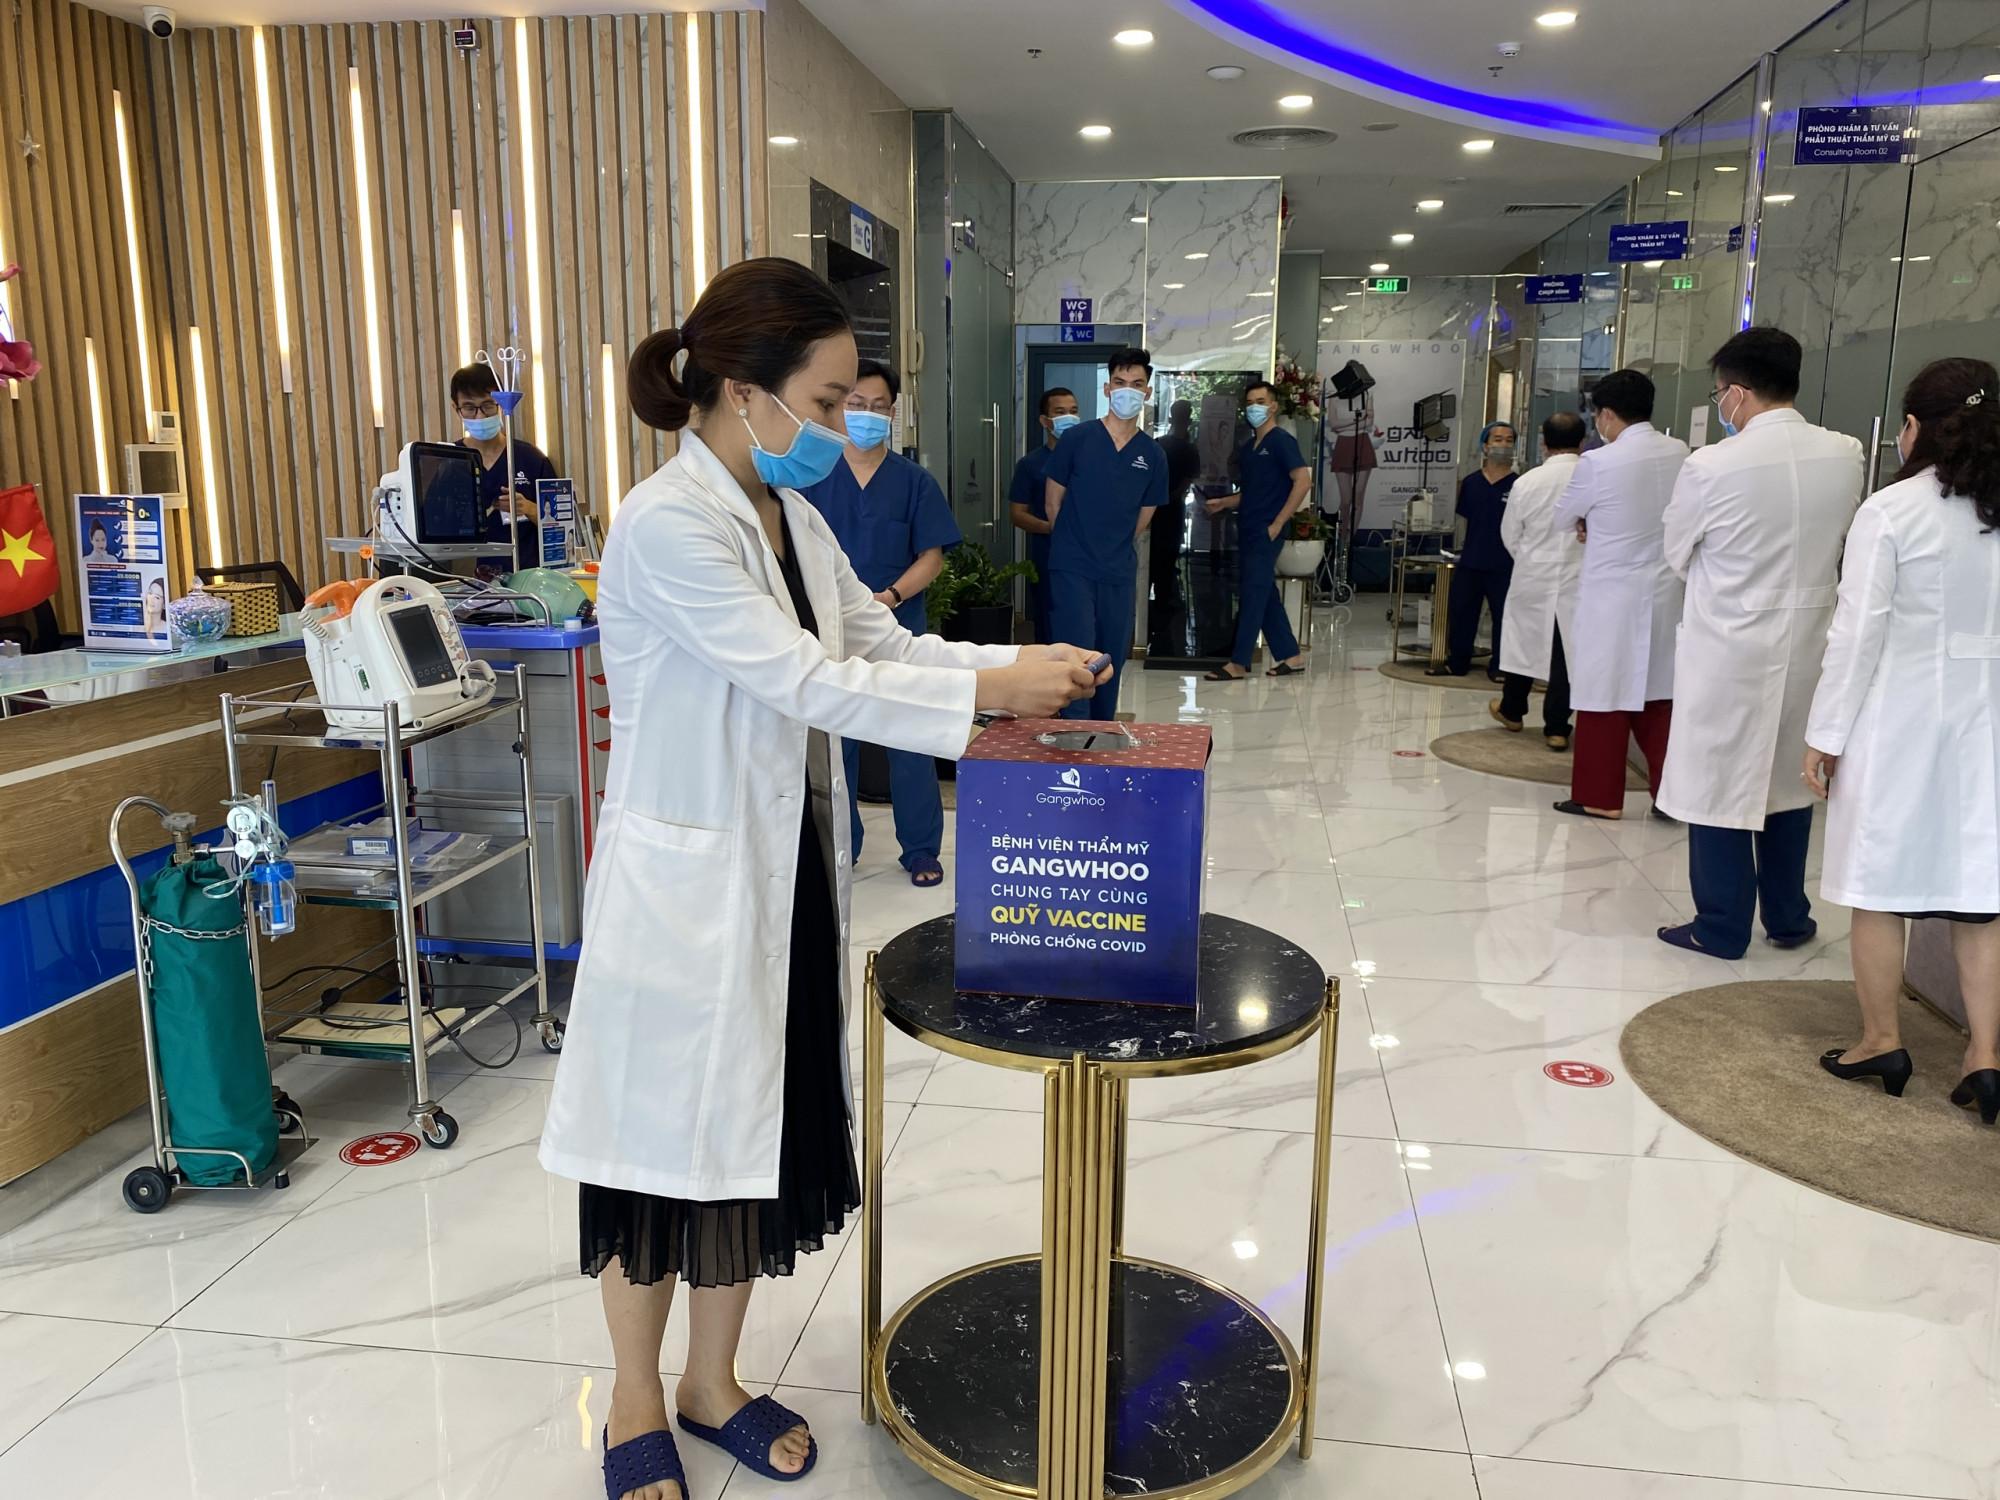 Nhân viên của Bệnh viện thẩm mỹ Gangwhoo xếp thành hàng đợi tới lượt đóng góp cho quỹ vắc xin ngừa COVID-19 của Việt Nam